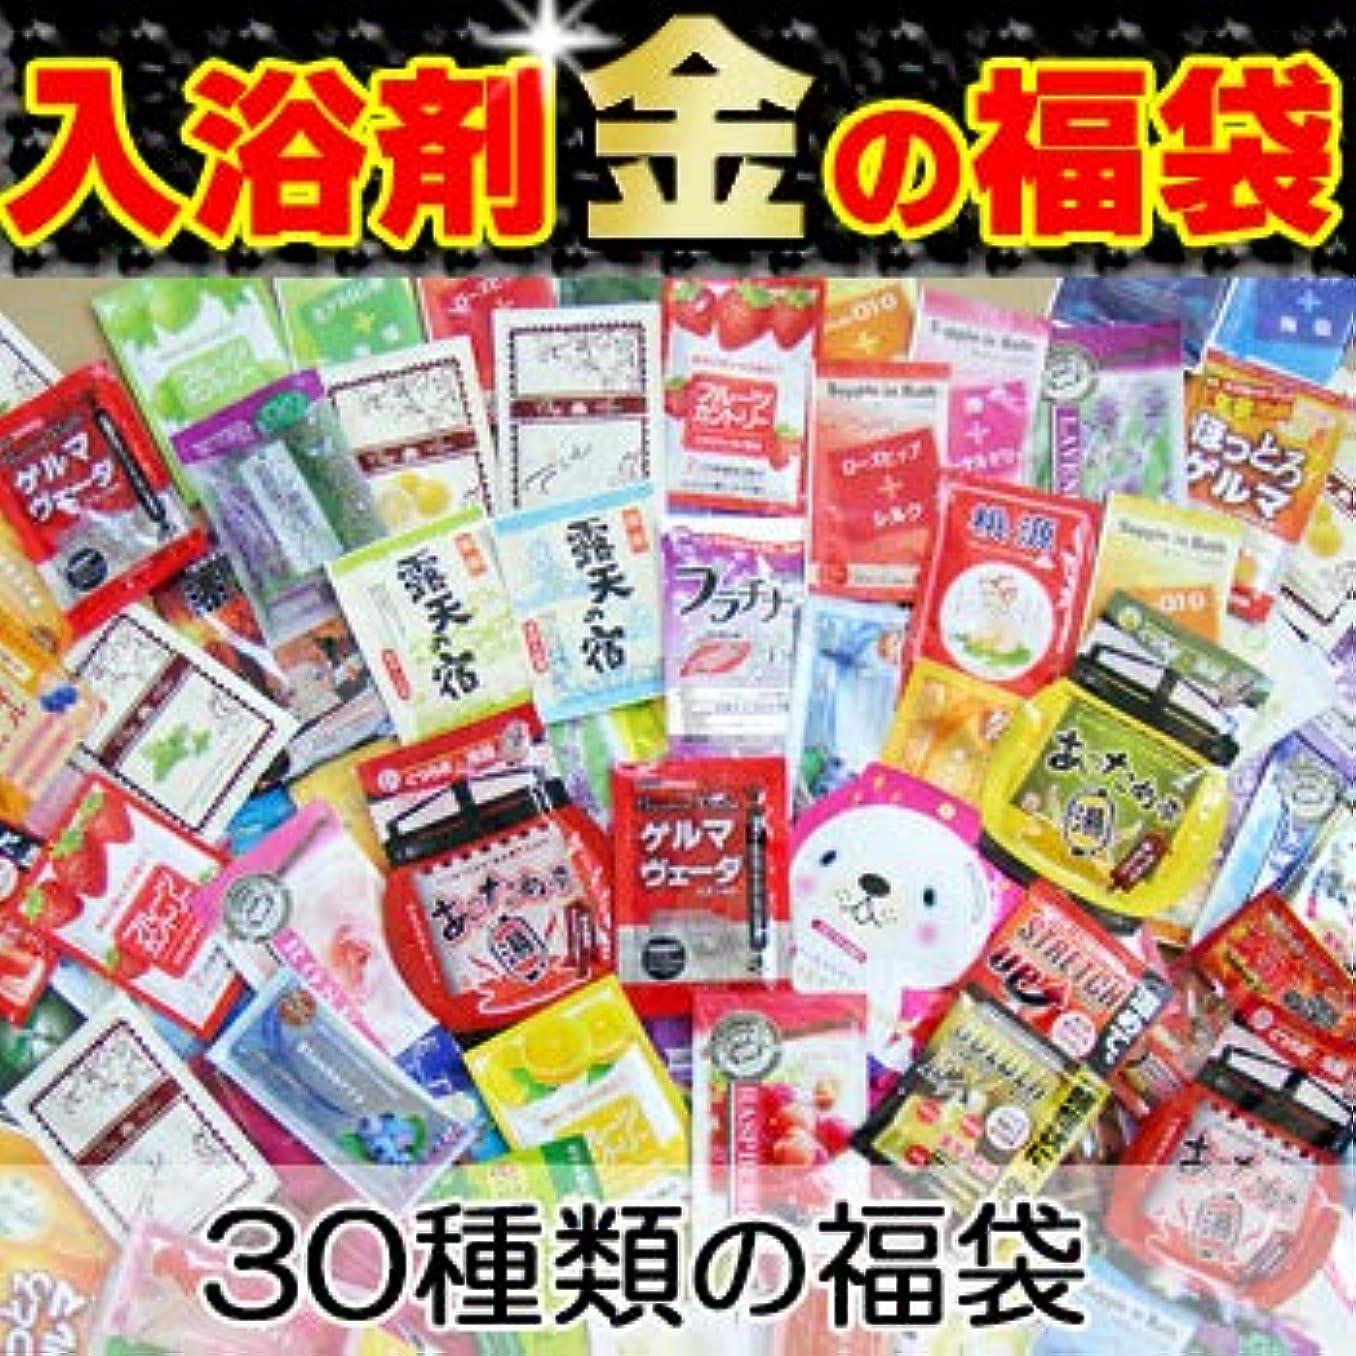 南極排除うがい薬お試し入浴剤 金の福袋30種類!30日分 入浴剤福袋 安心の日本製!